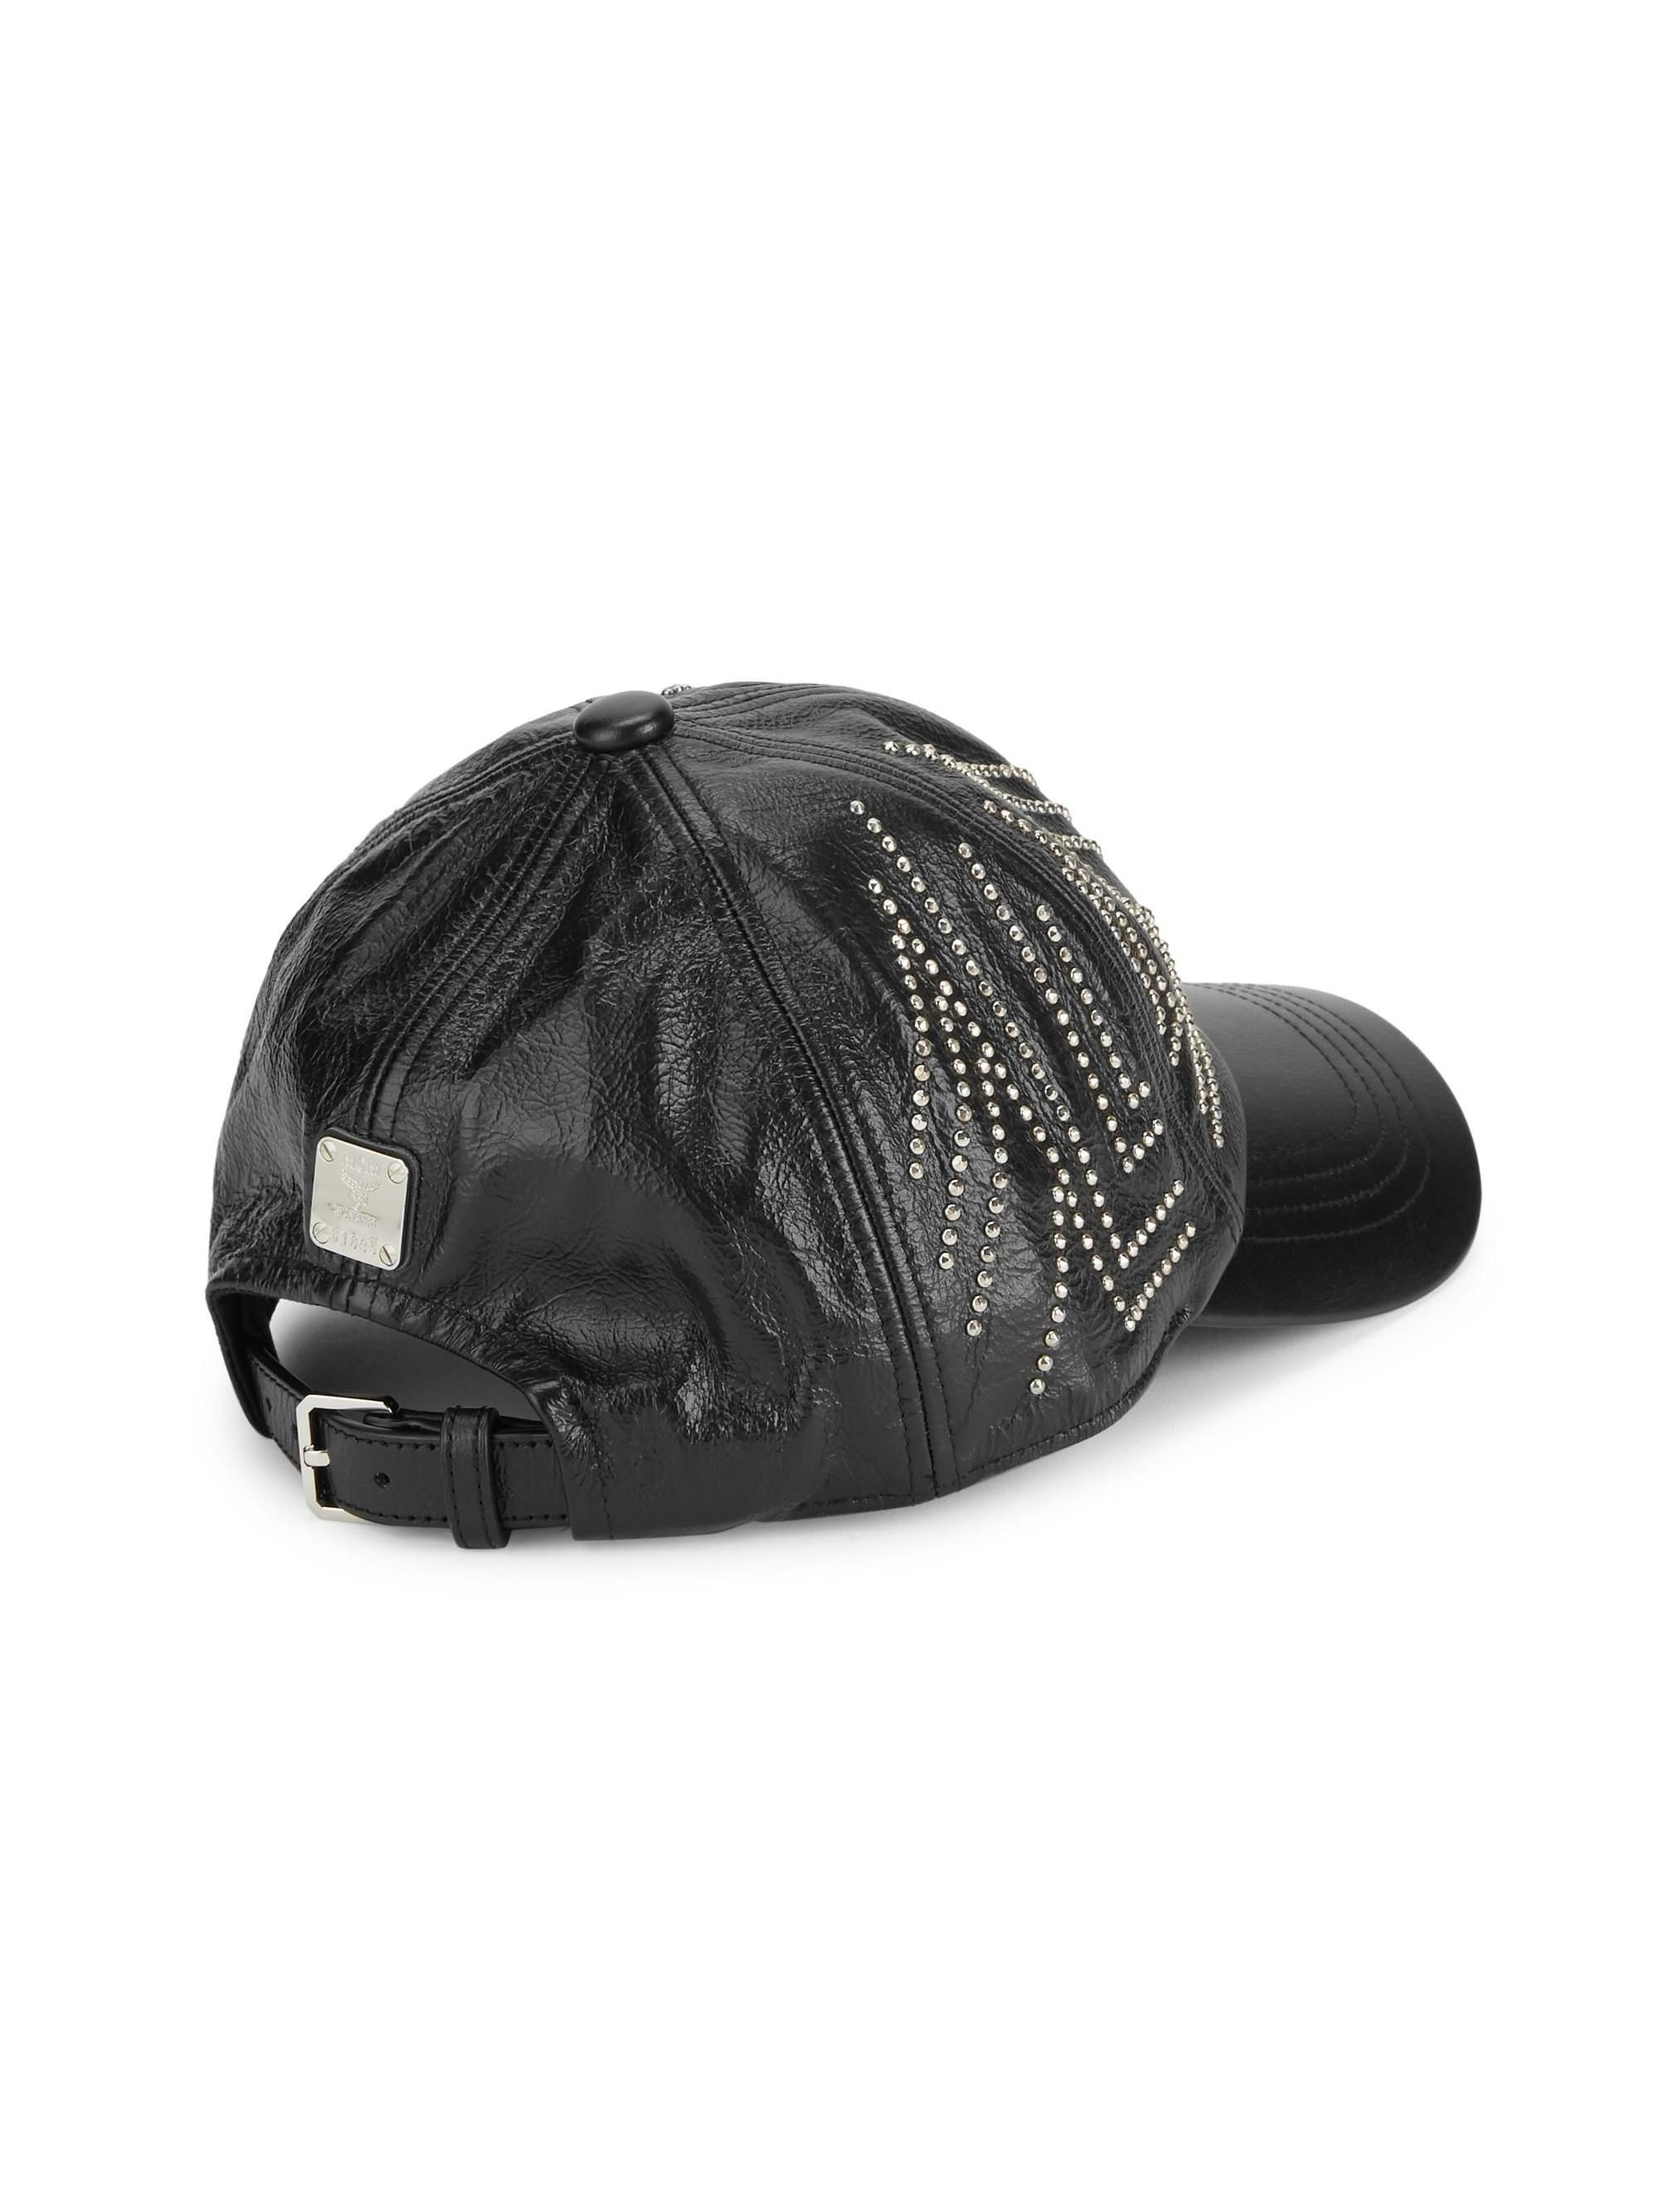 c89c65d726b MCM - Black Gunta Stud Leather Baseball Cap for Men - Lyst. View fullscreen